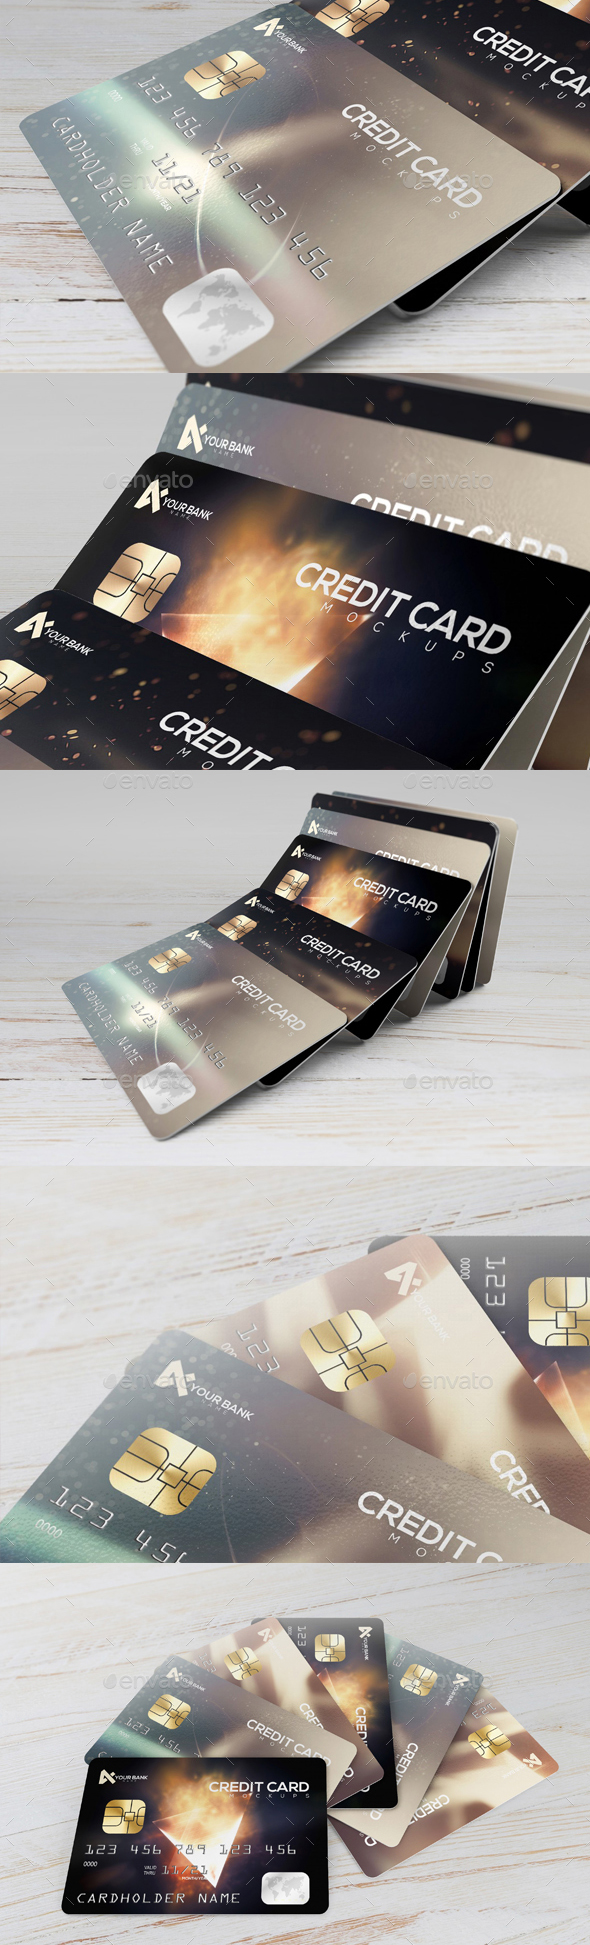 Premium Membership / Credit Cards Mockup